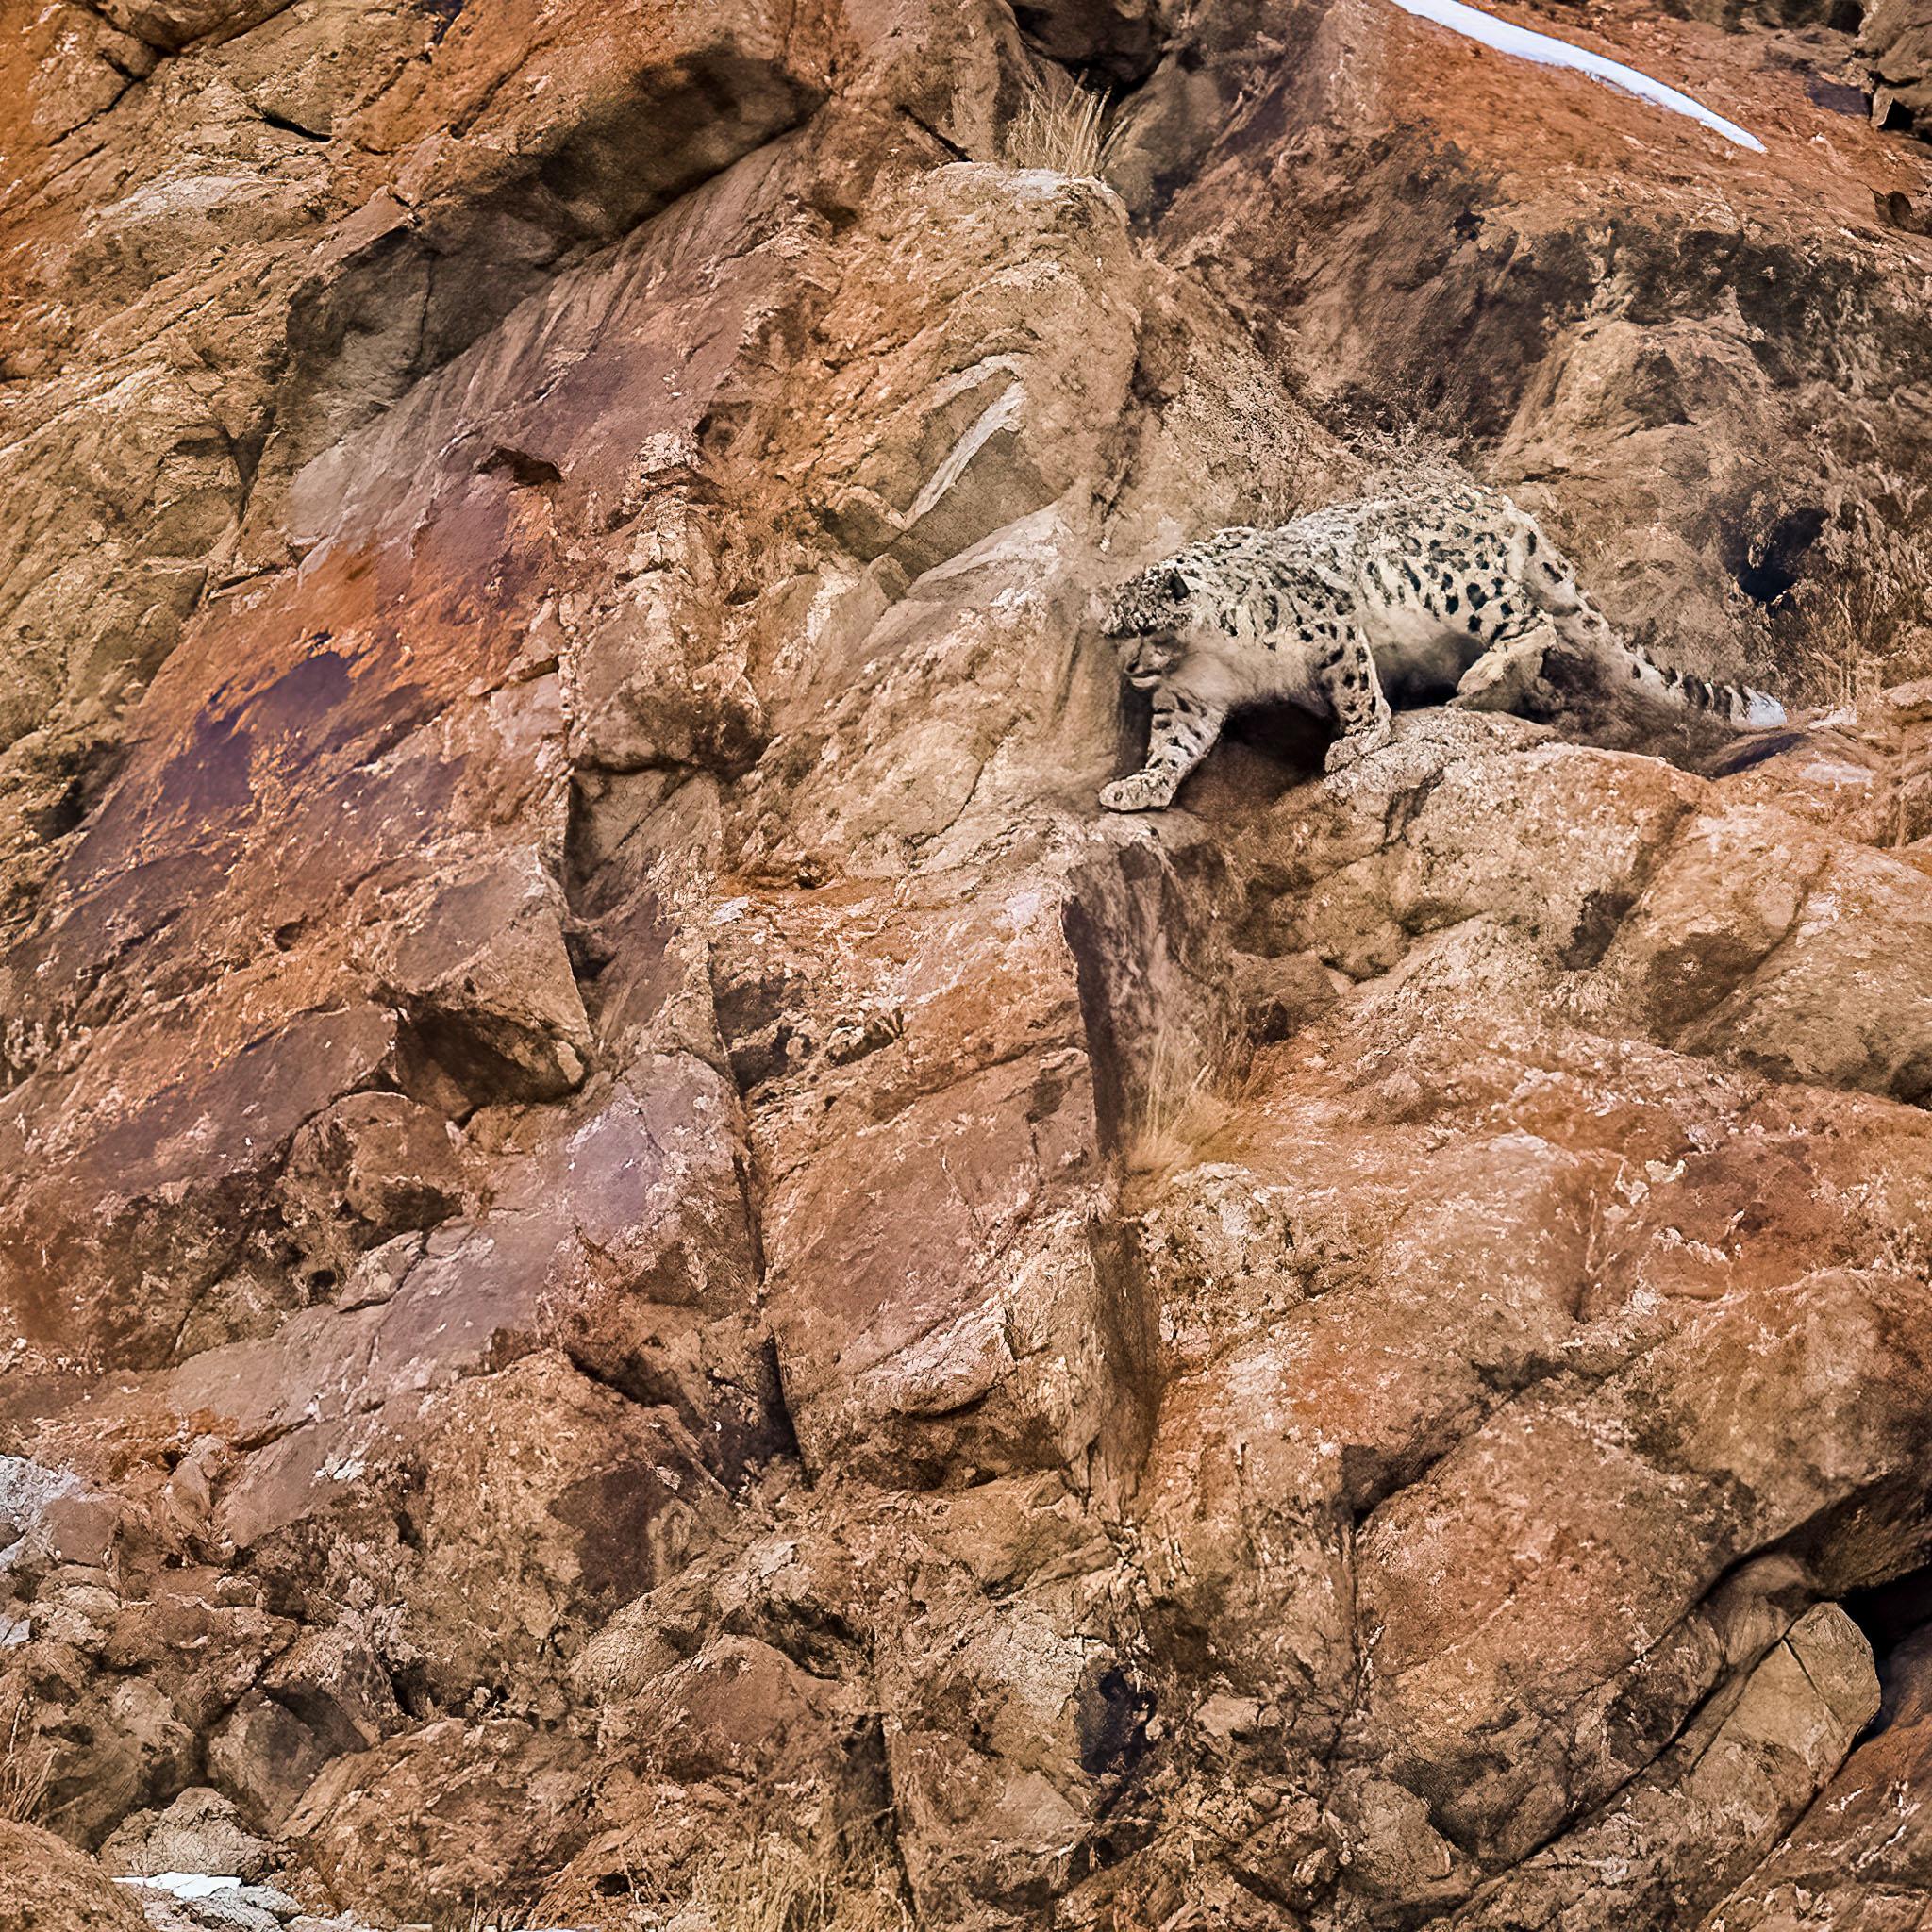 Fotoreis-India-SnowLeopards-Ladakh-Header